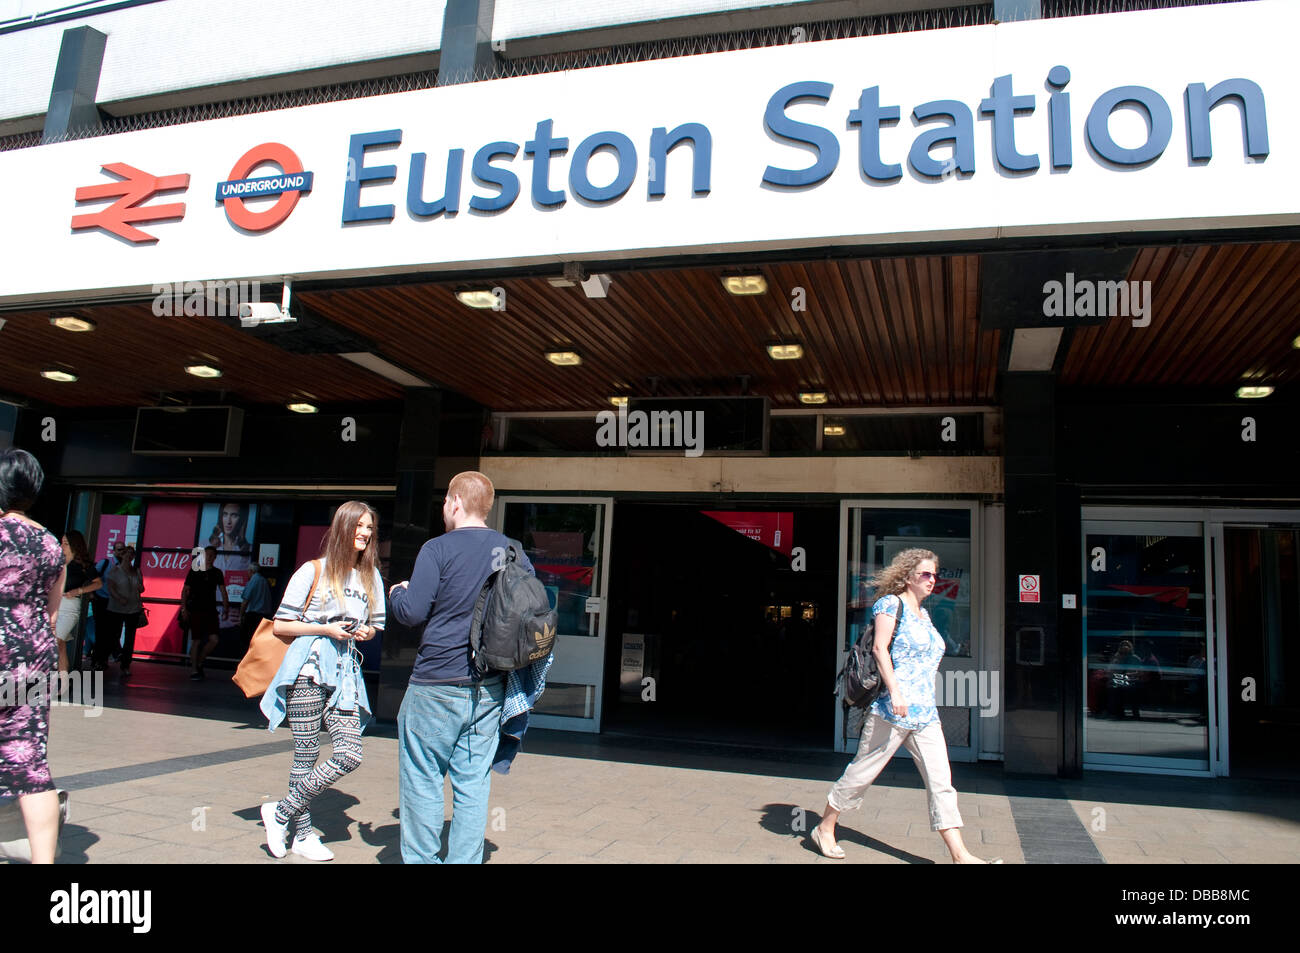 Euston Station, London, UK - Stock Image